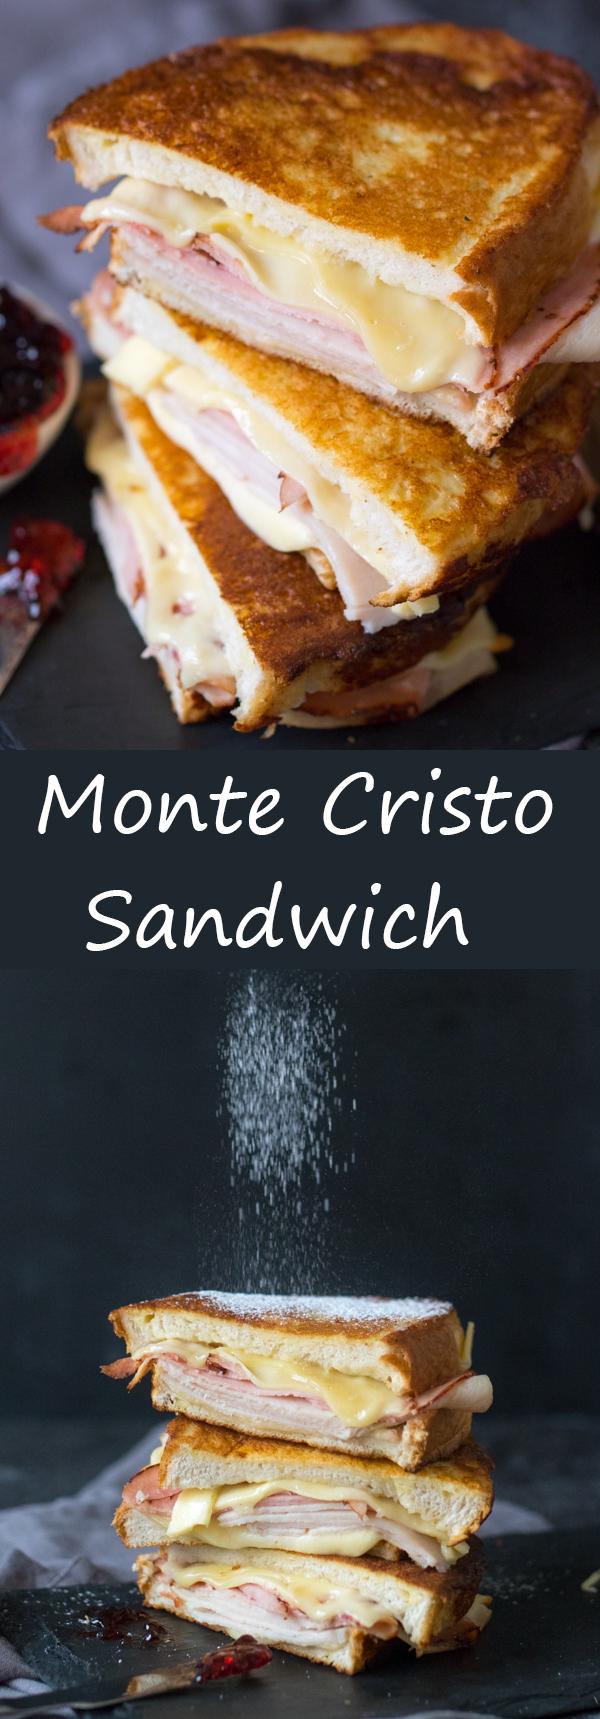 monte cristo sandwich pin